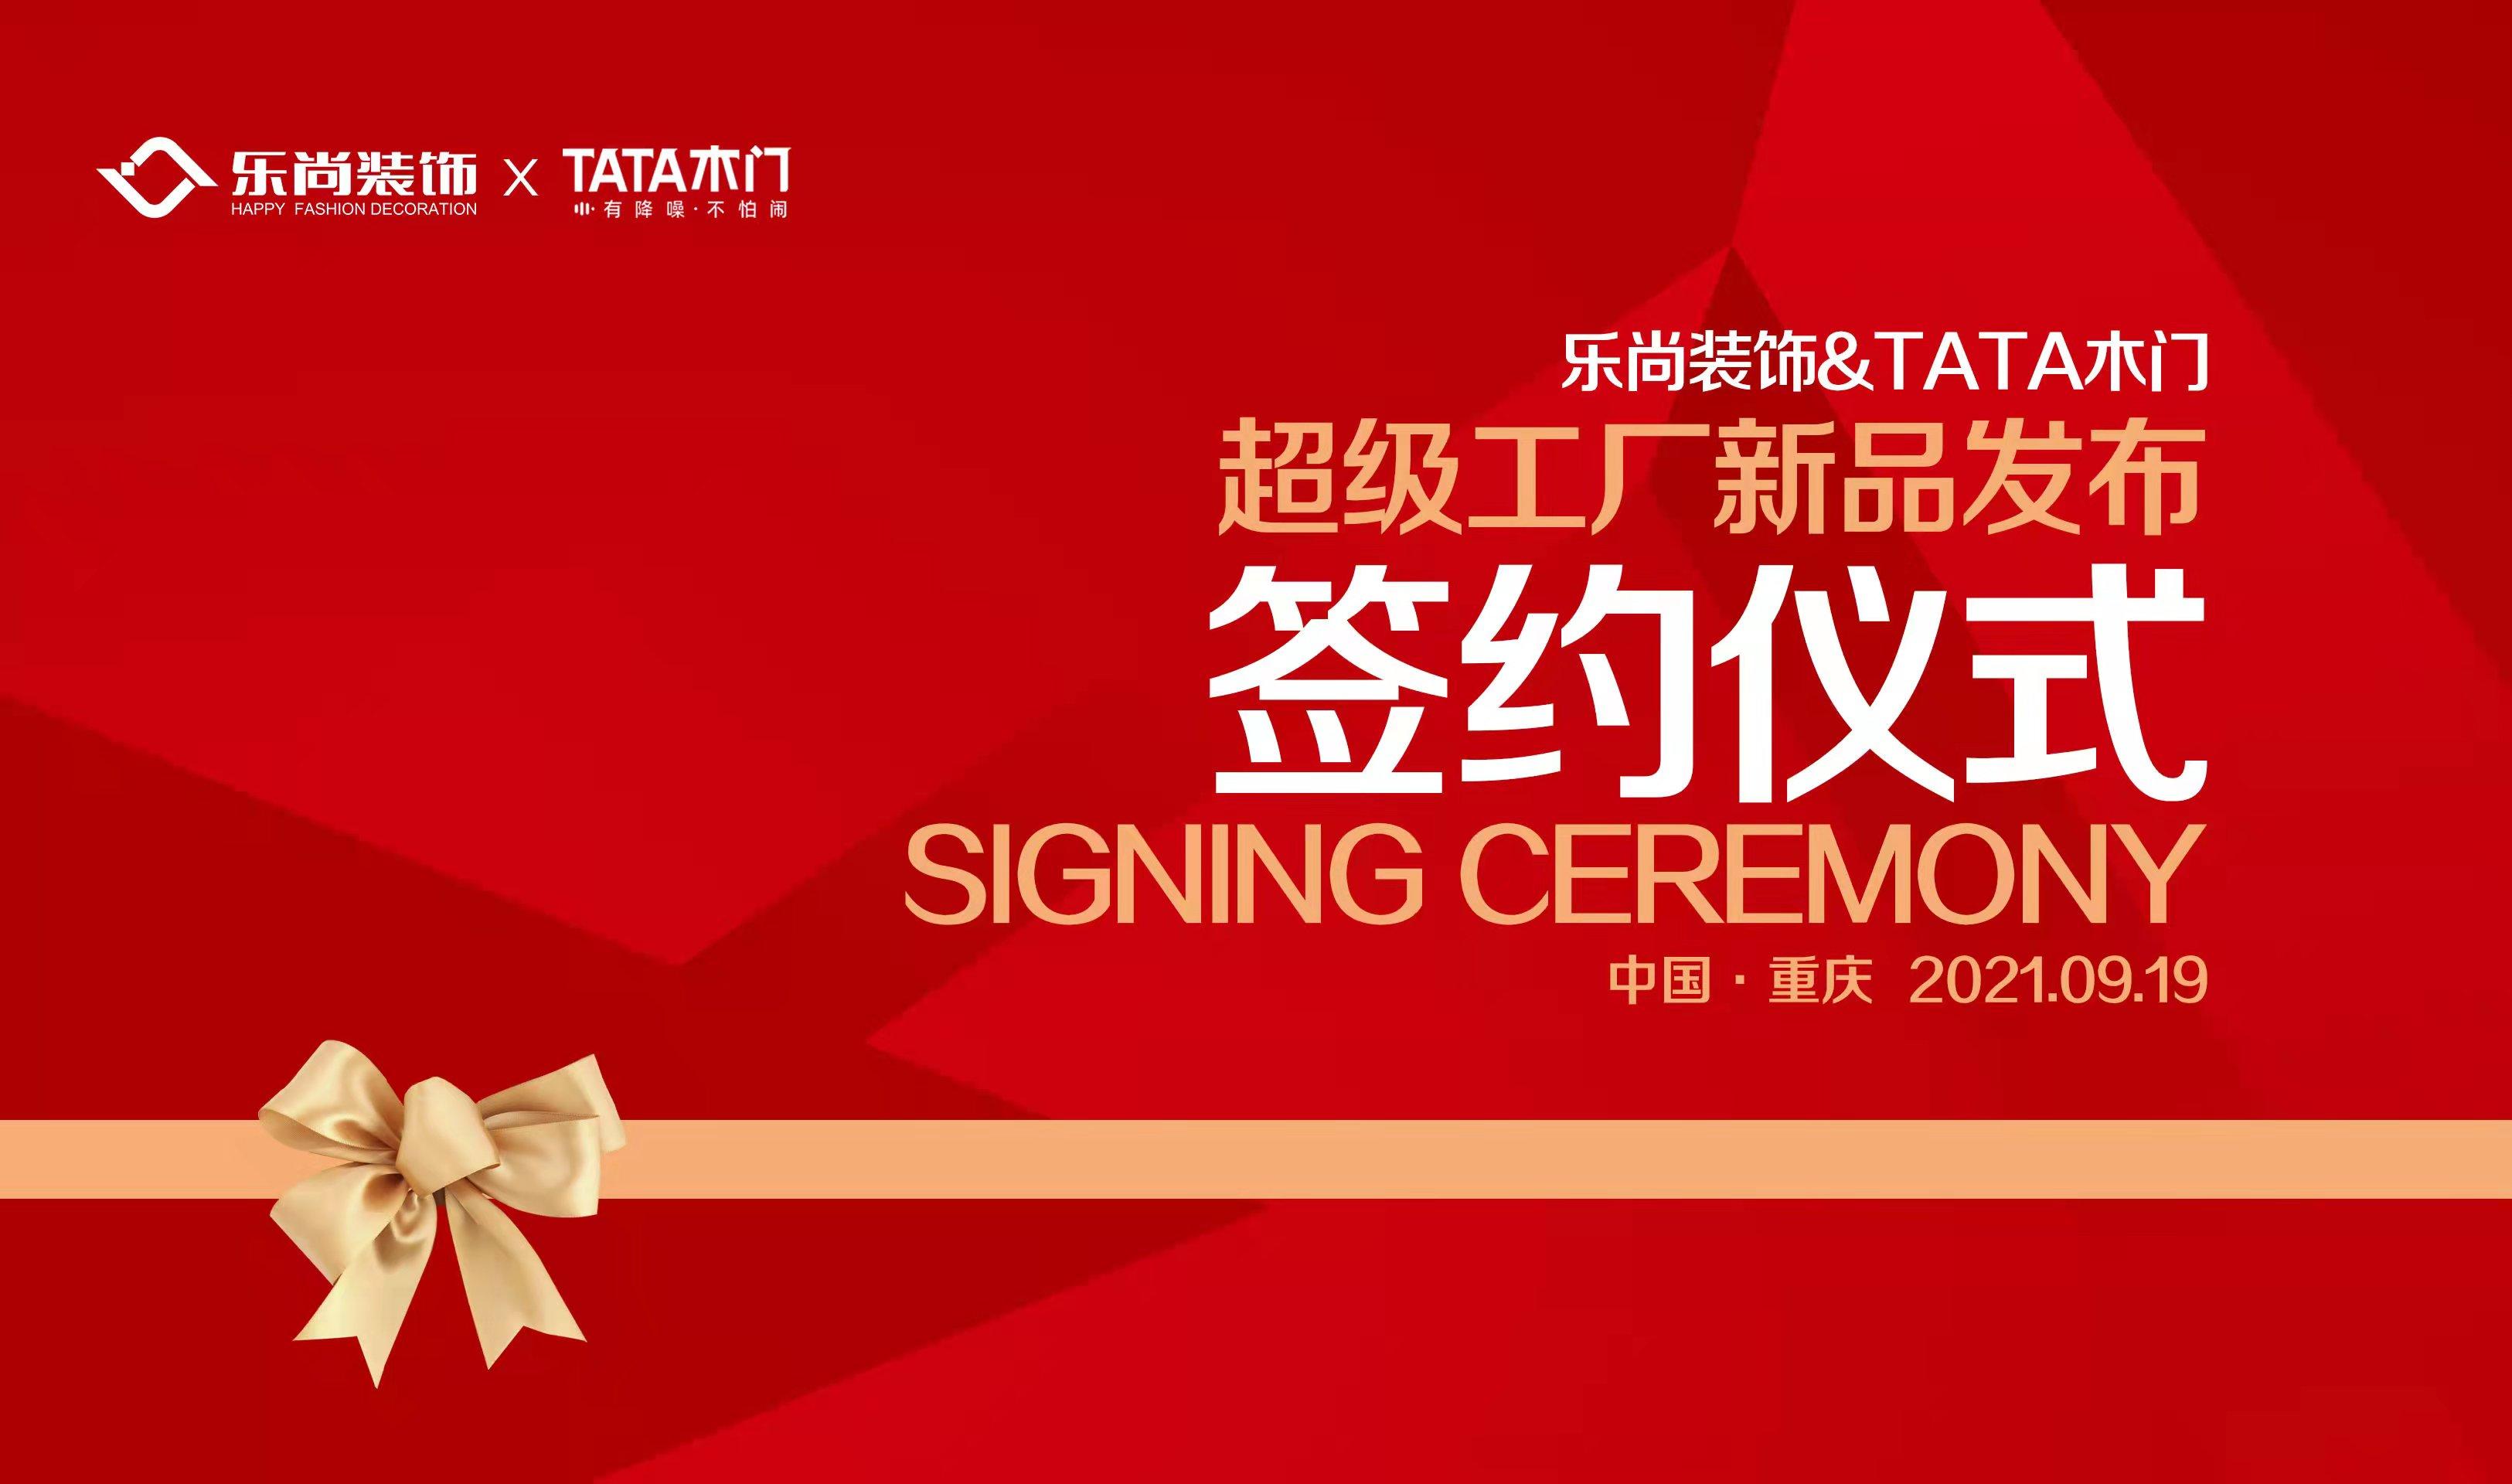 乐尚装饰×TATA木门超级工厂新品发布签约仪式落成,台湾乐团南拳妈妈倾情献唱